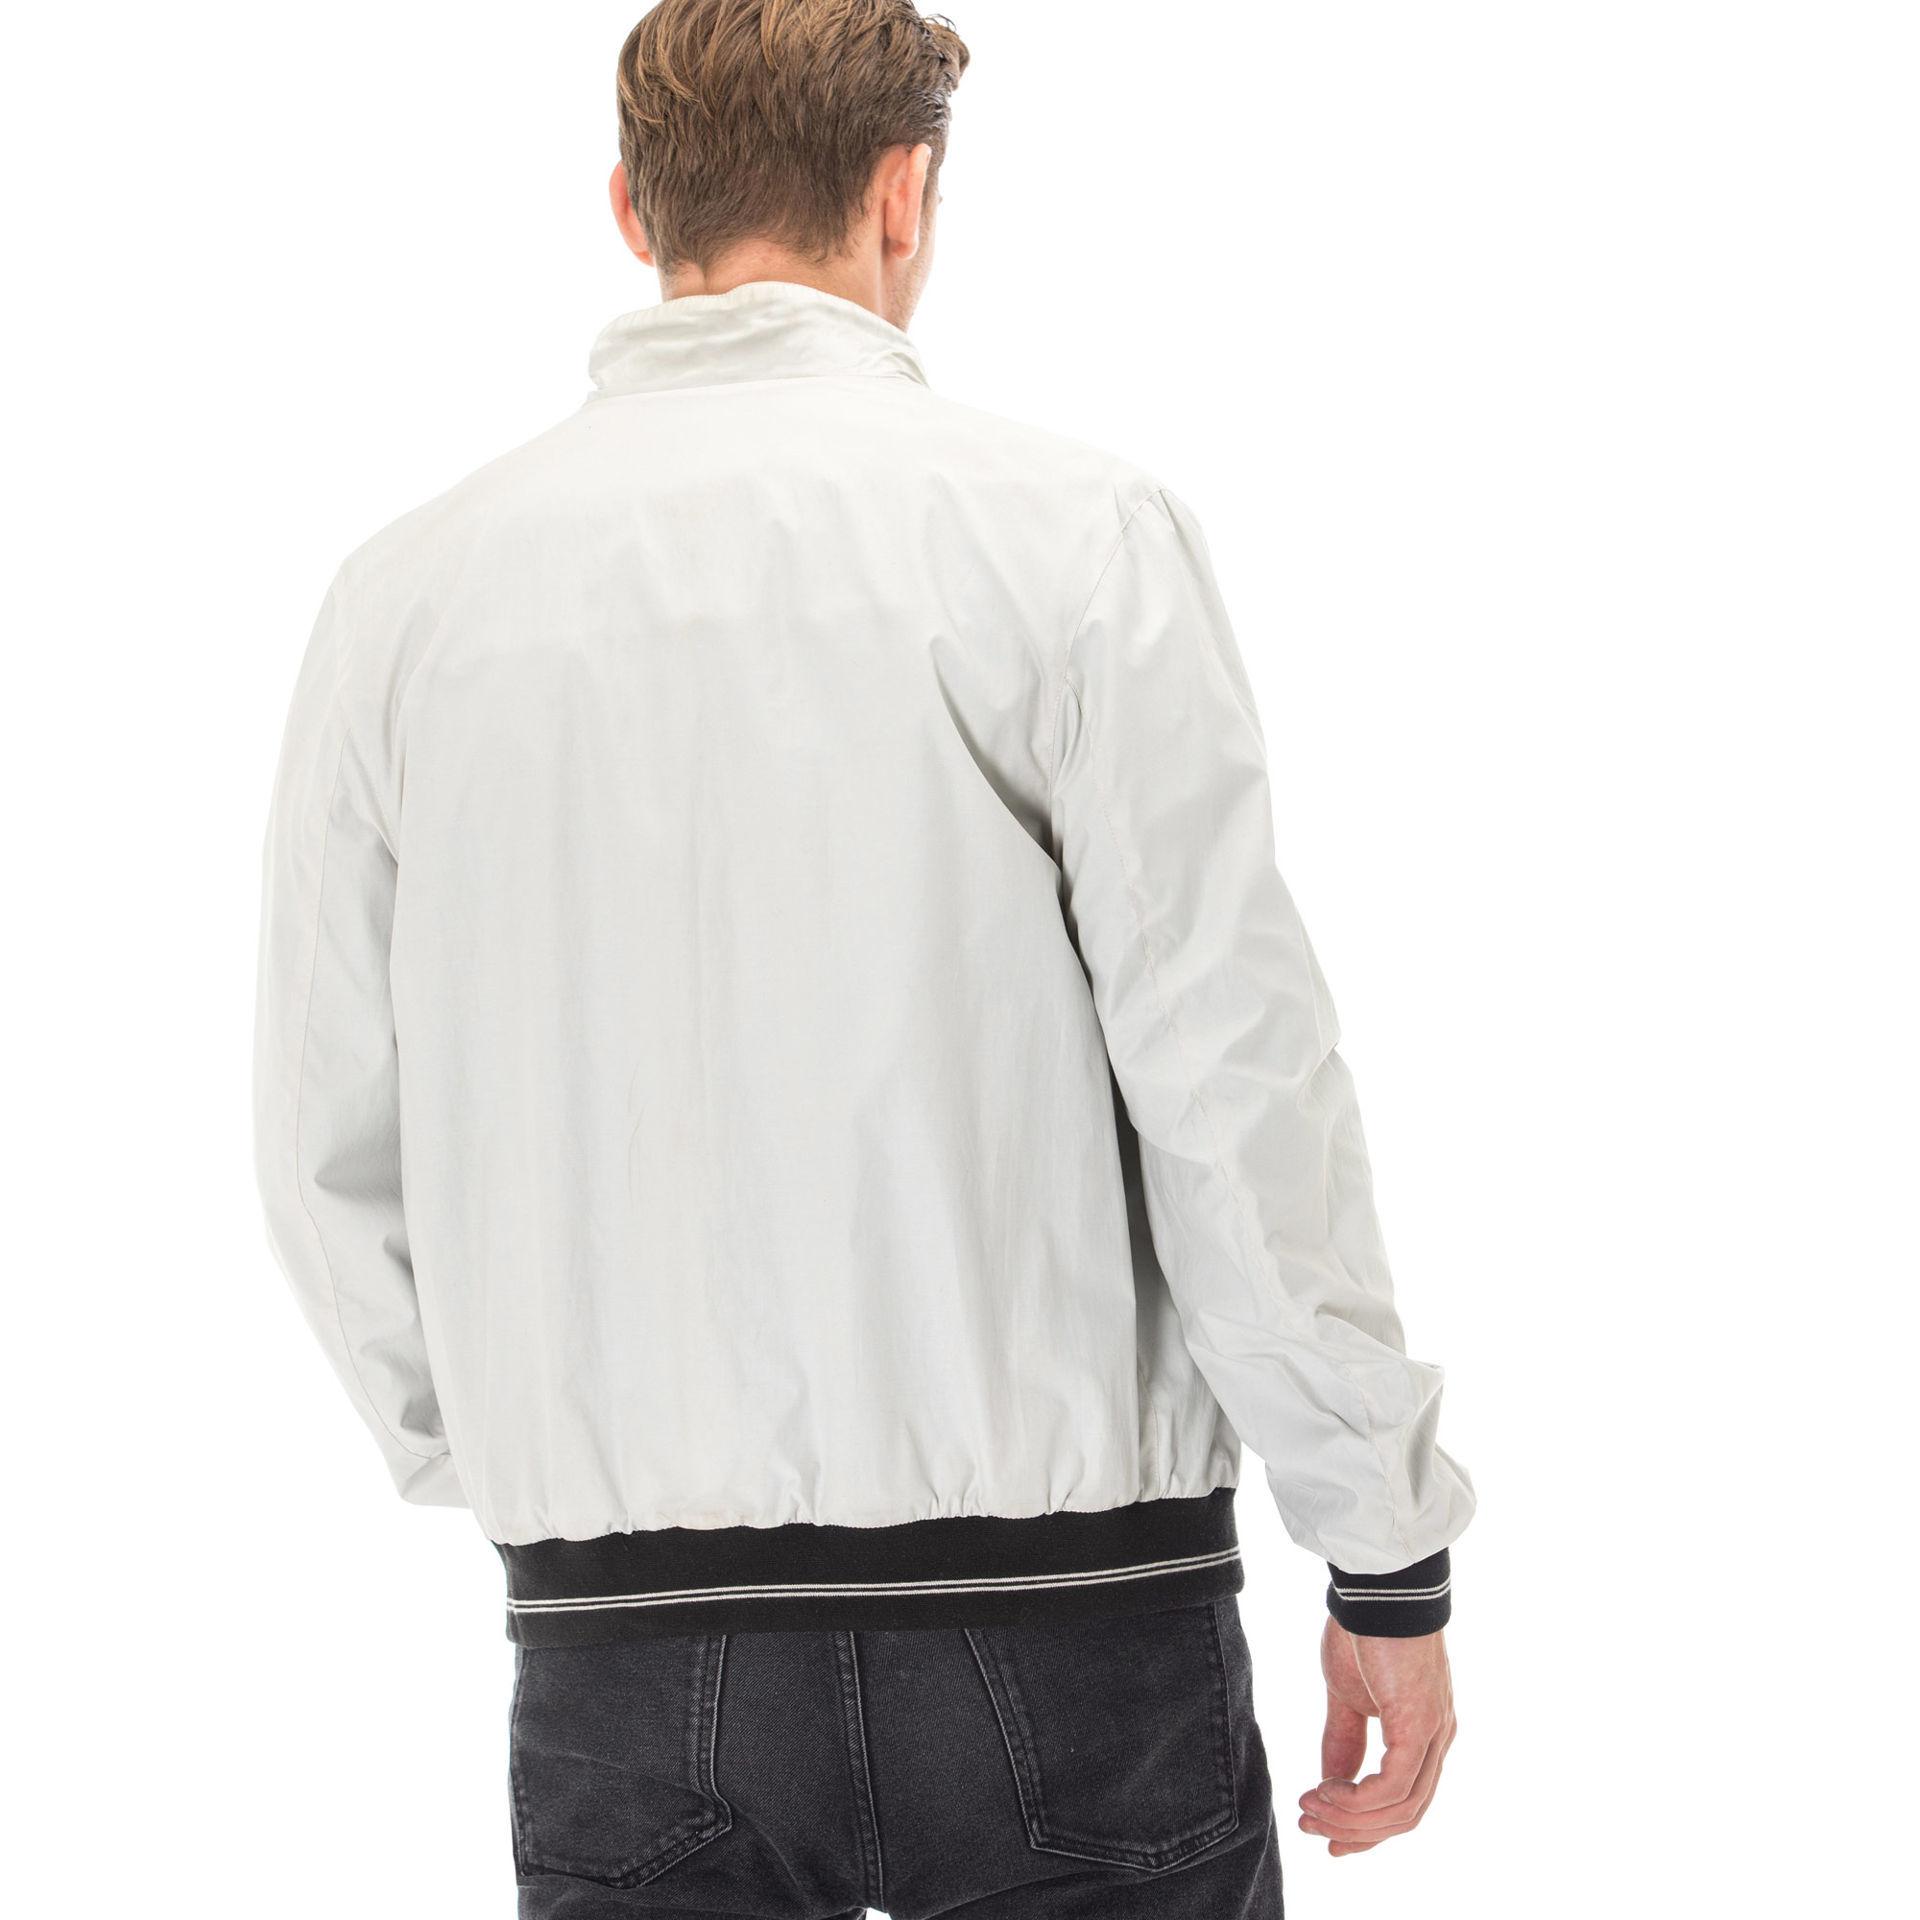 Fendi White Leather Jacket